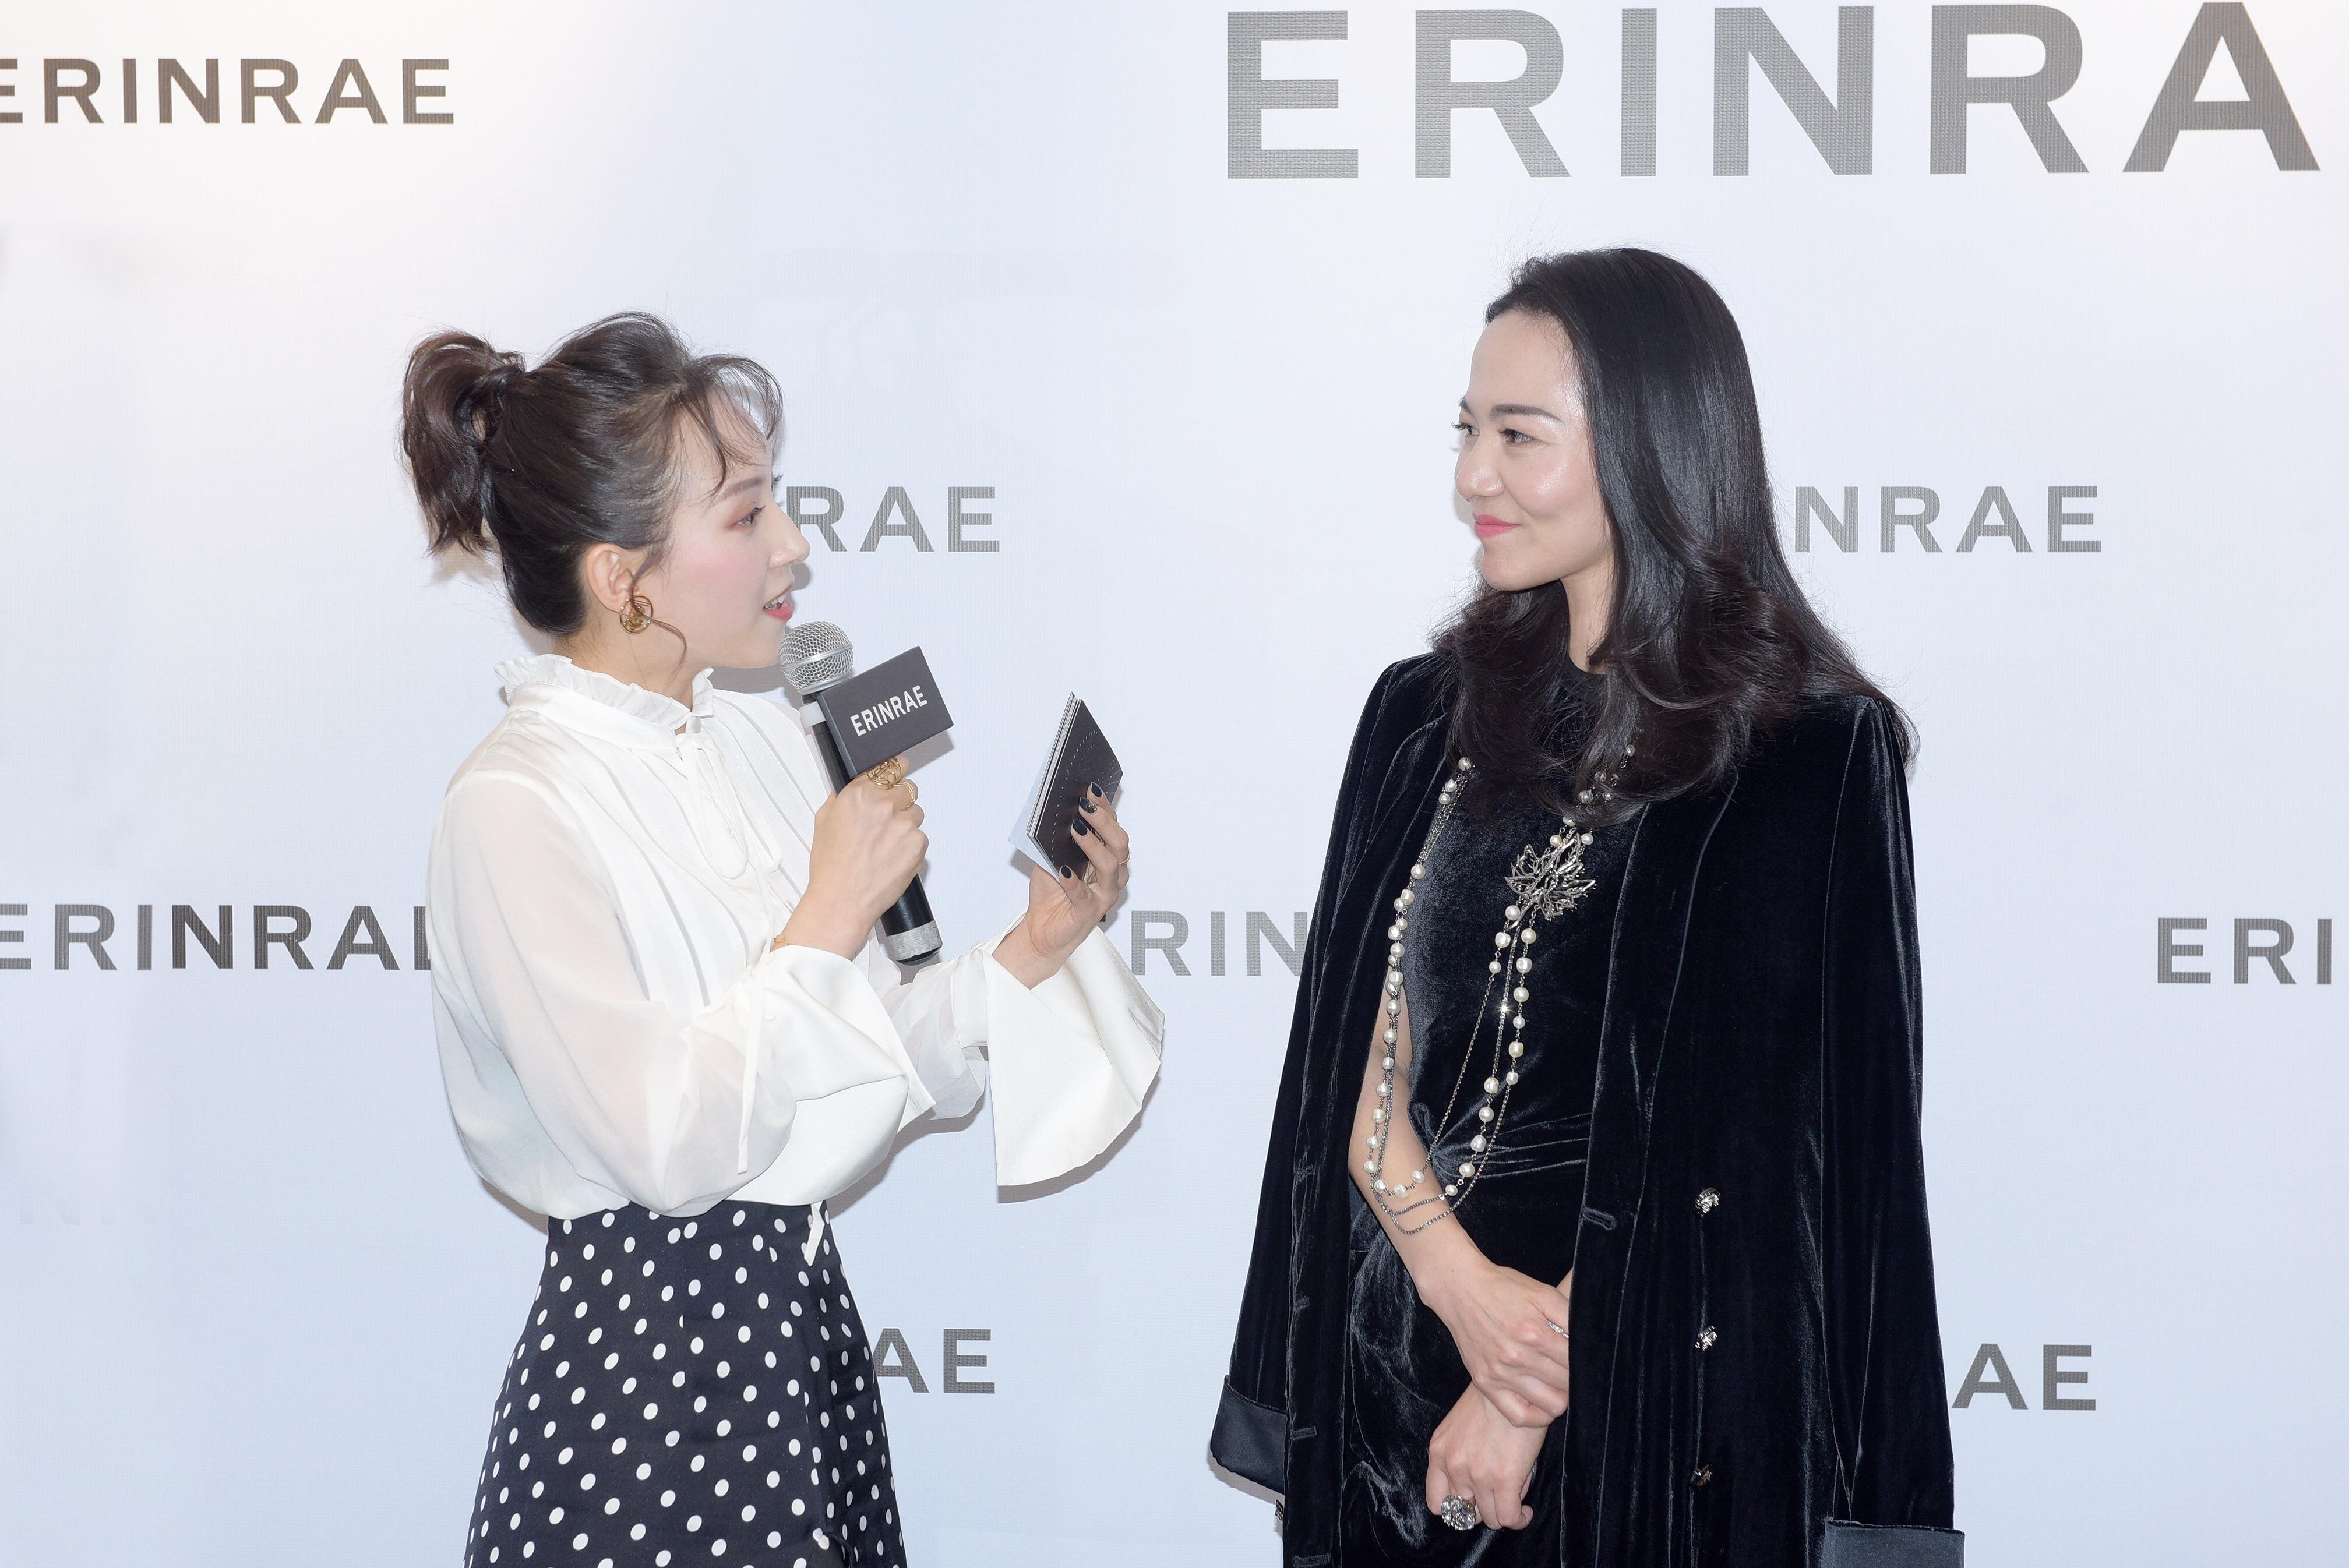 ERINRAE艺术总监见面会明星嘉宾李斯羽与您共襄法式艺术星光